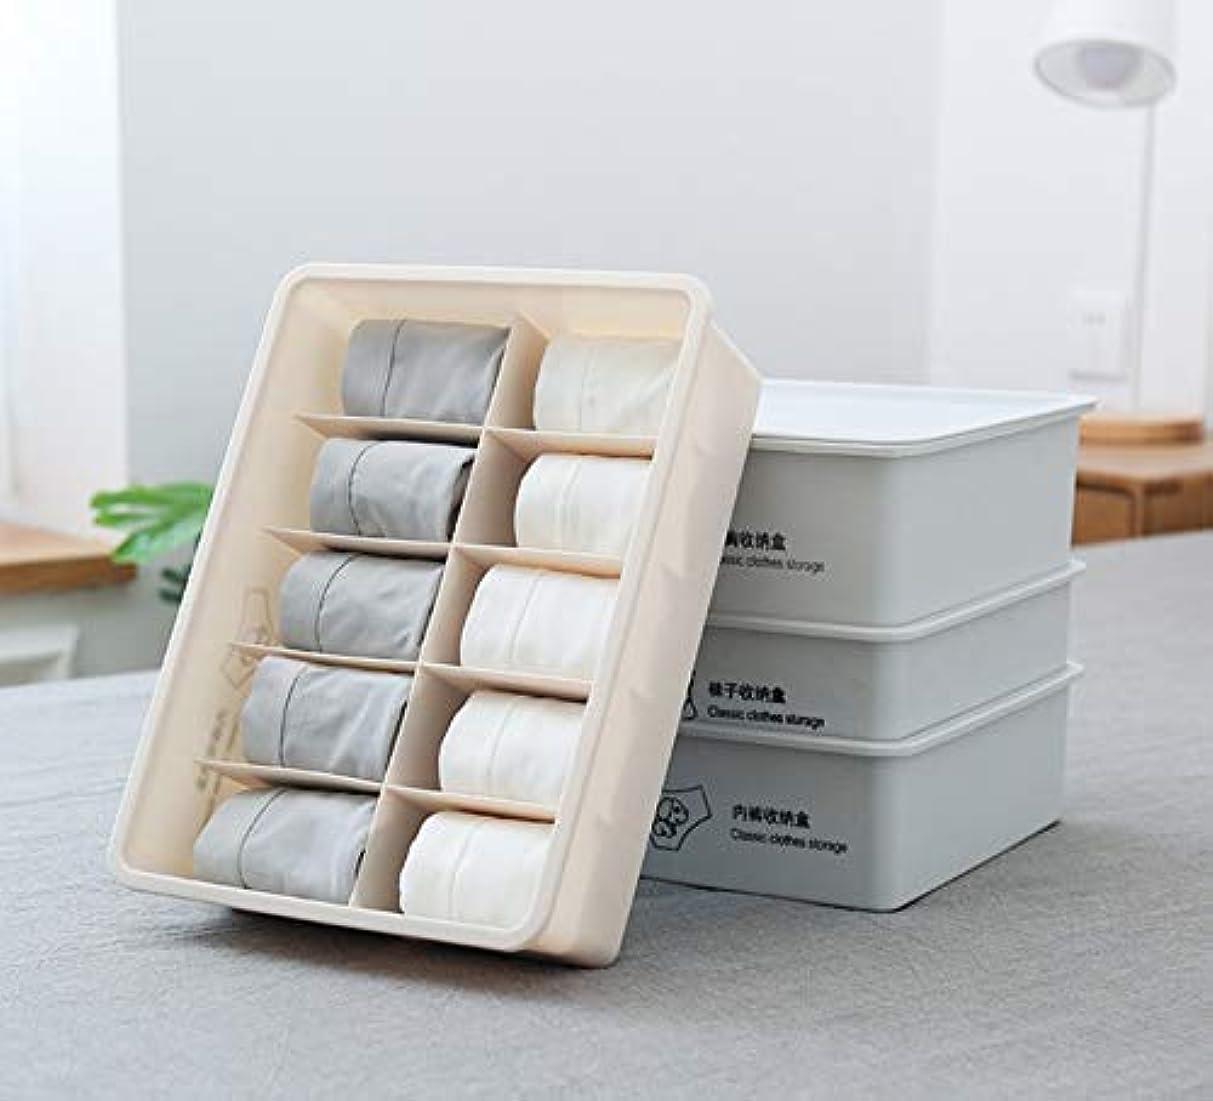 方言雑草年金下着靴下収納ボックス下着箱副格子はプラスチック製のブラジャー仕上げボックス収納ボックス下着収納ボックス (Color : Gray, Size : 11.8in*9.05in*4052in)